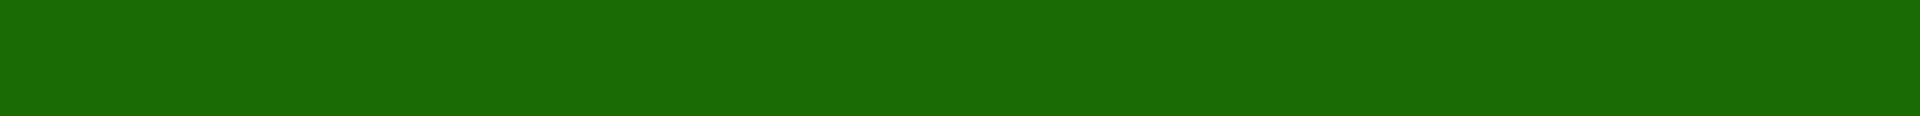 Green Grass Divider